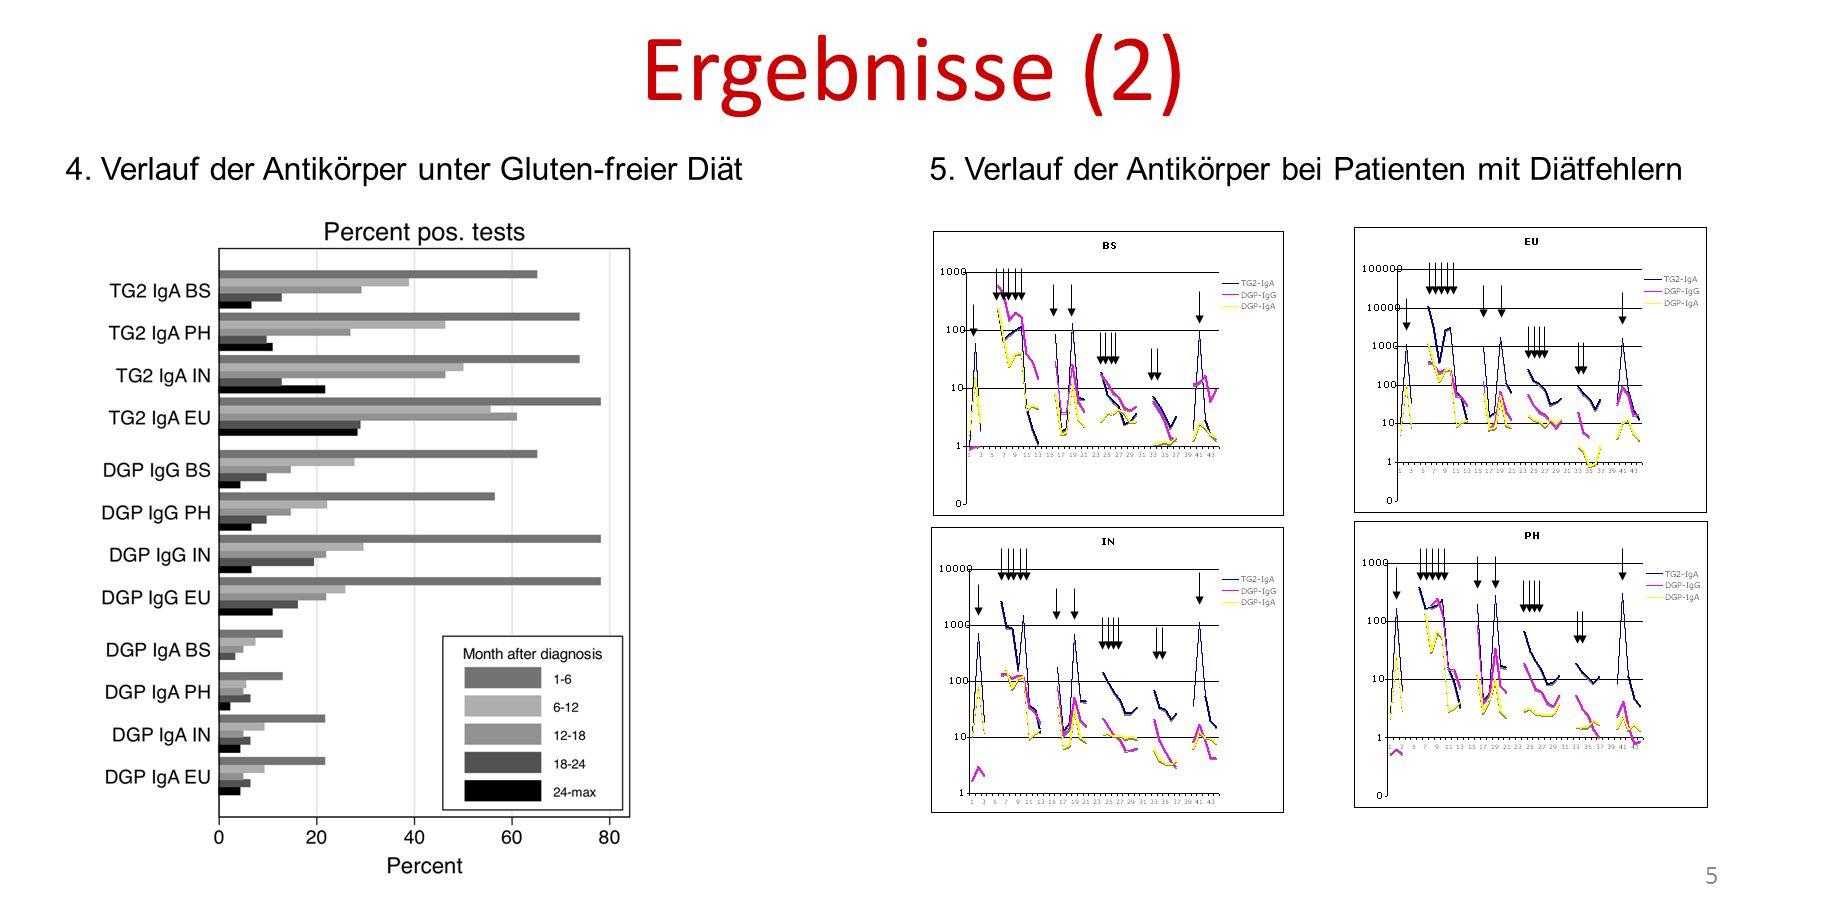 Ergebnisse (2) 4. Verlauf der Antikörper unter Gluten-freier Diät